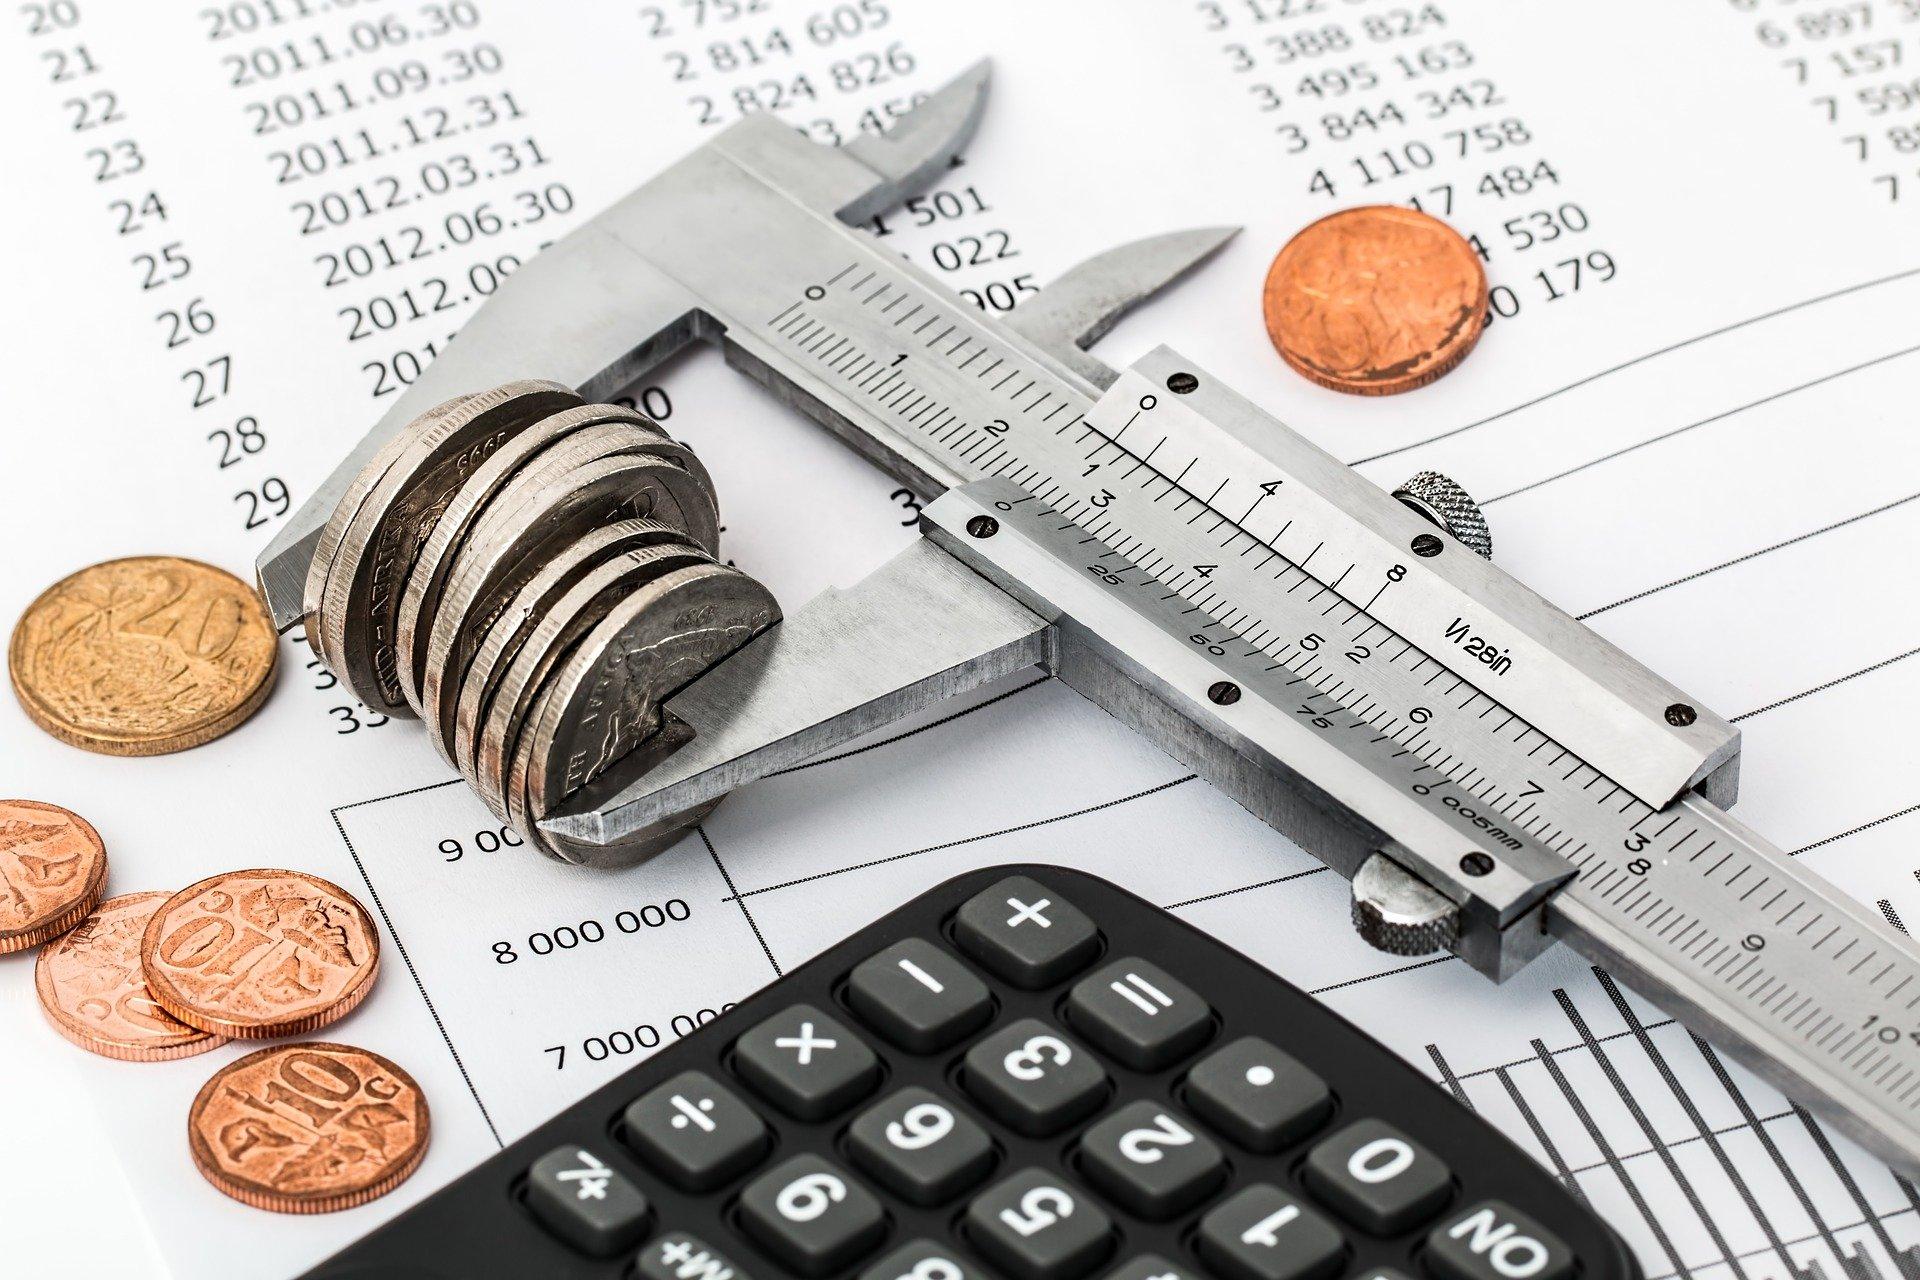 Poduszka finansowa – dowiedz się, czym jest rezerwa finansowa, dlaczego warto ją posiadać i jak ją stworzyć samodzielnie od zera